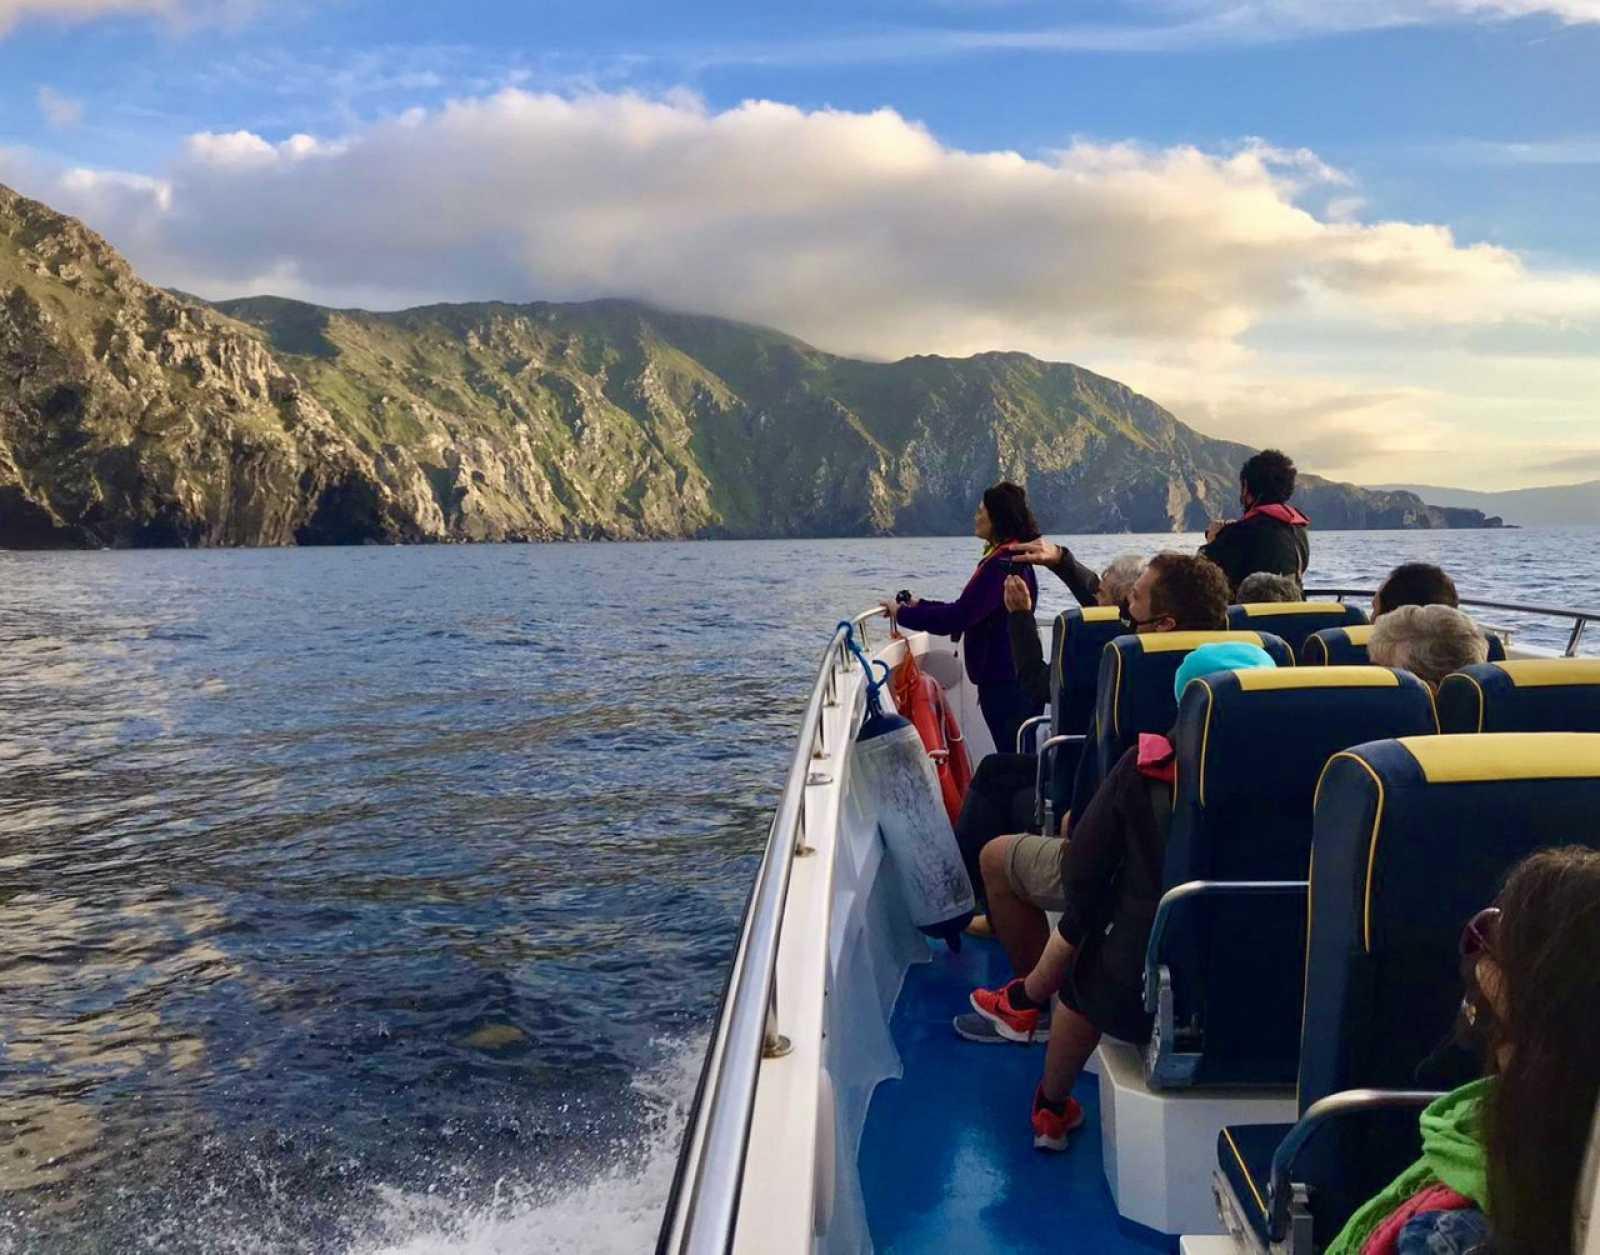 Global 5 - Georutas Cabo Ortegal (IV): en barco, desde el Atlántico - 27/10/20 - Escuchar ahora